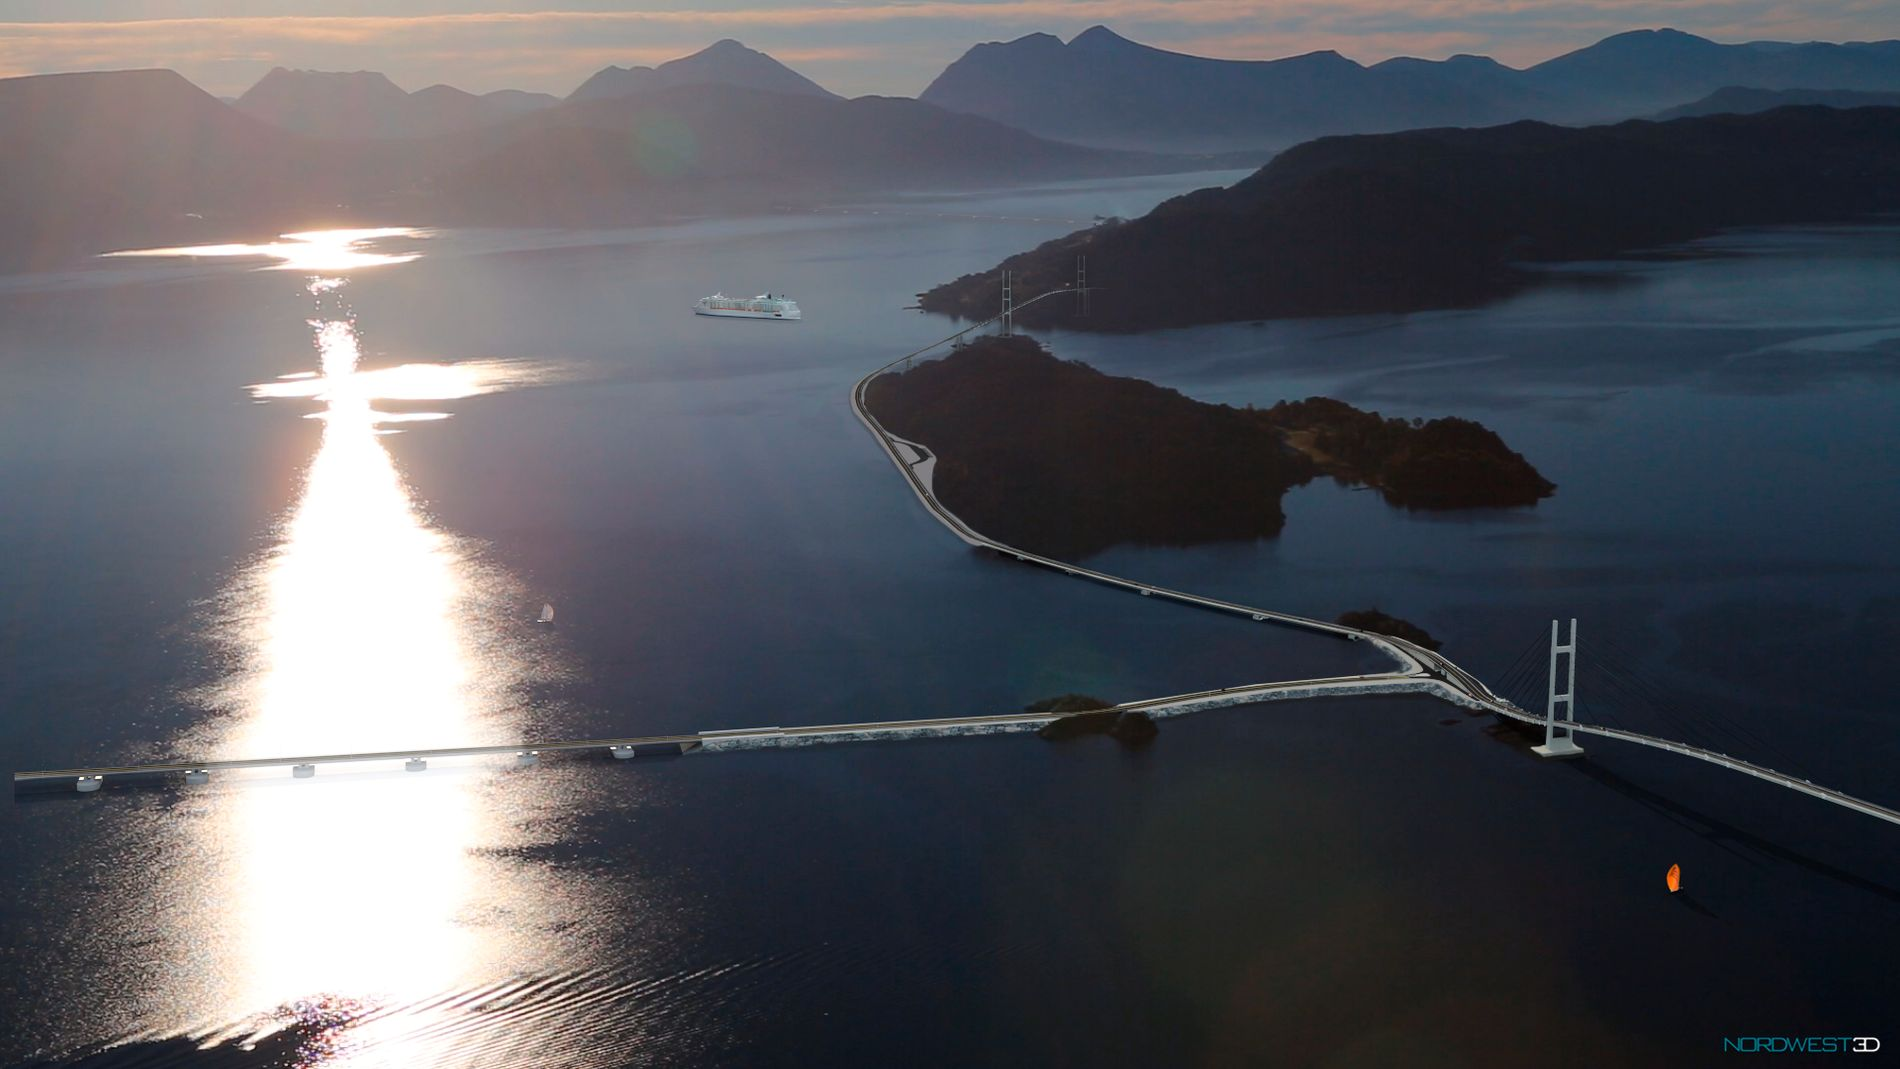 BRO ETTER BRO: Slik tenker Romsdalsaksen seg at Romsdalsfjorden skal krysses – legg merke til at cruiseskip kan passere under hengebroen i bakgrunnen.